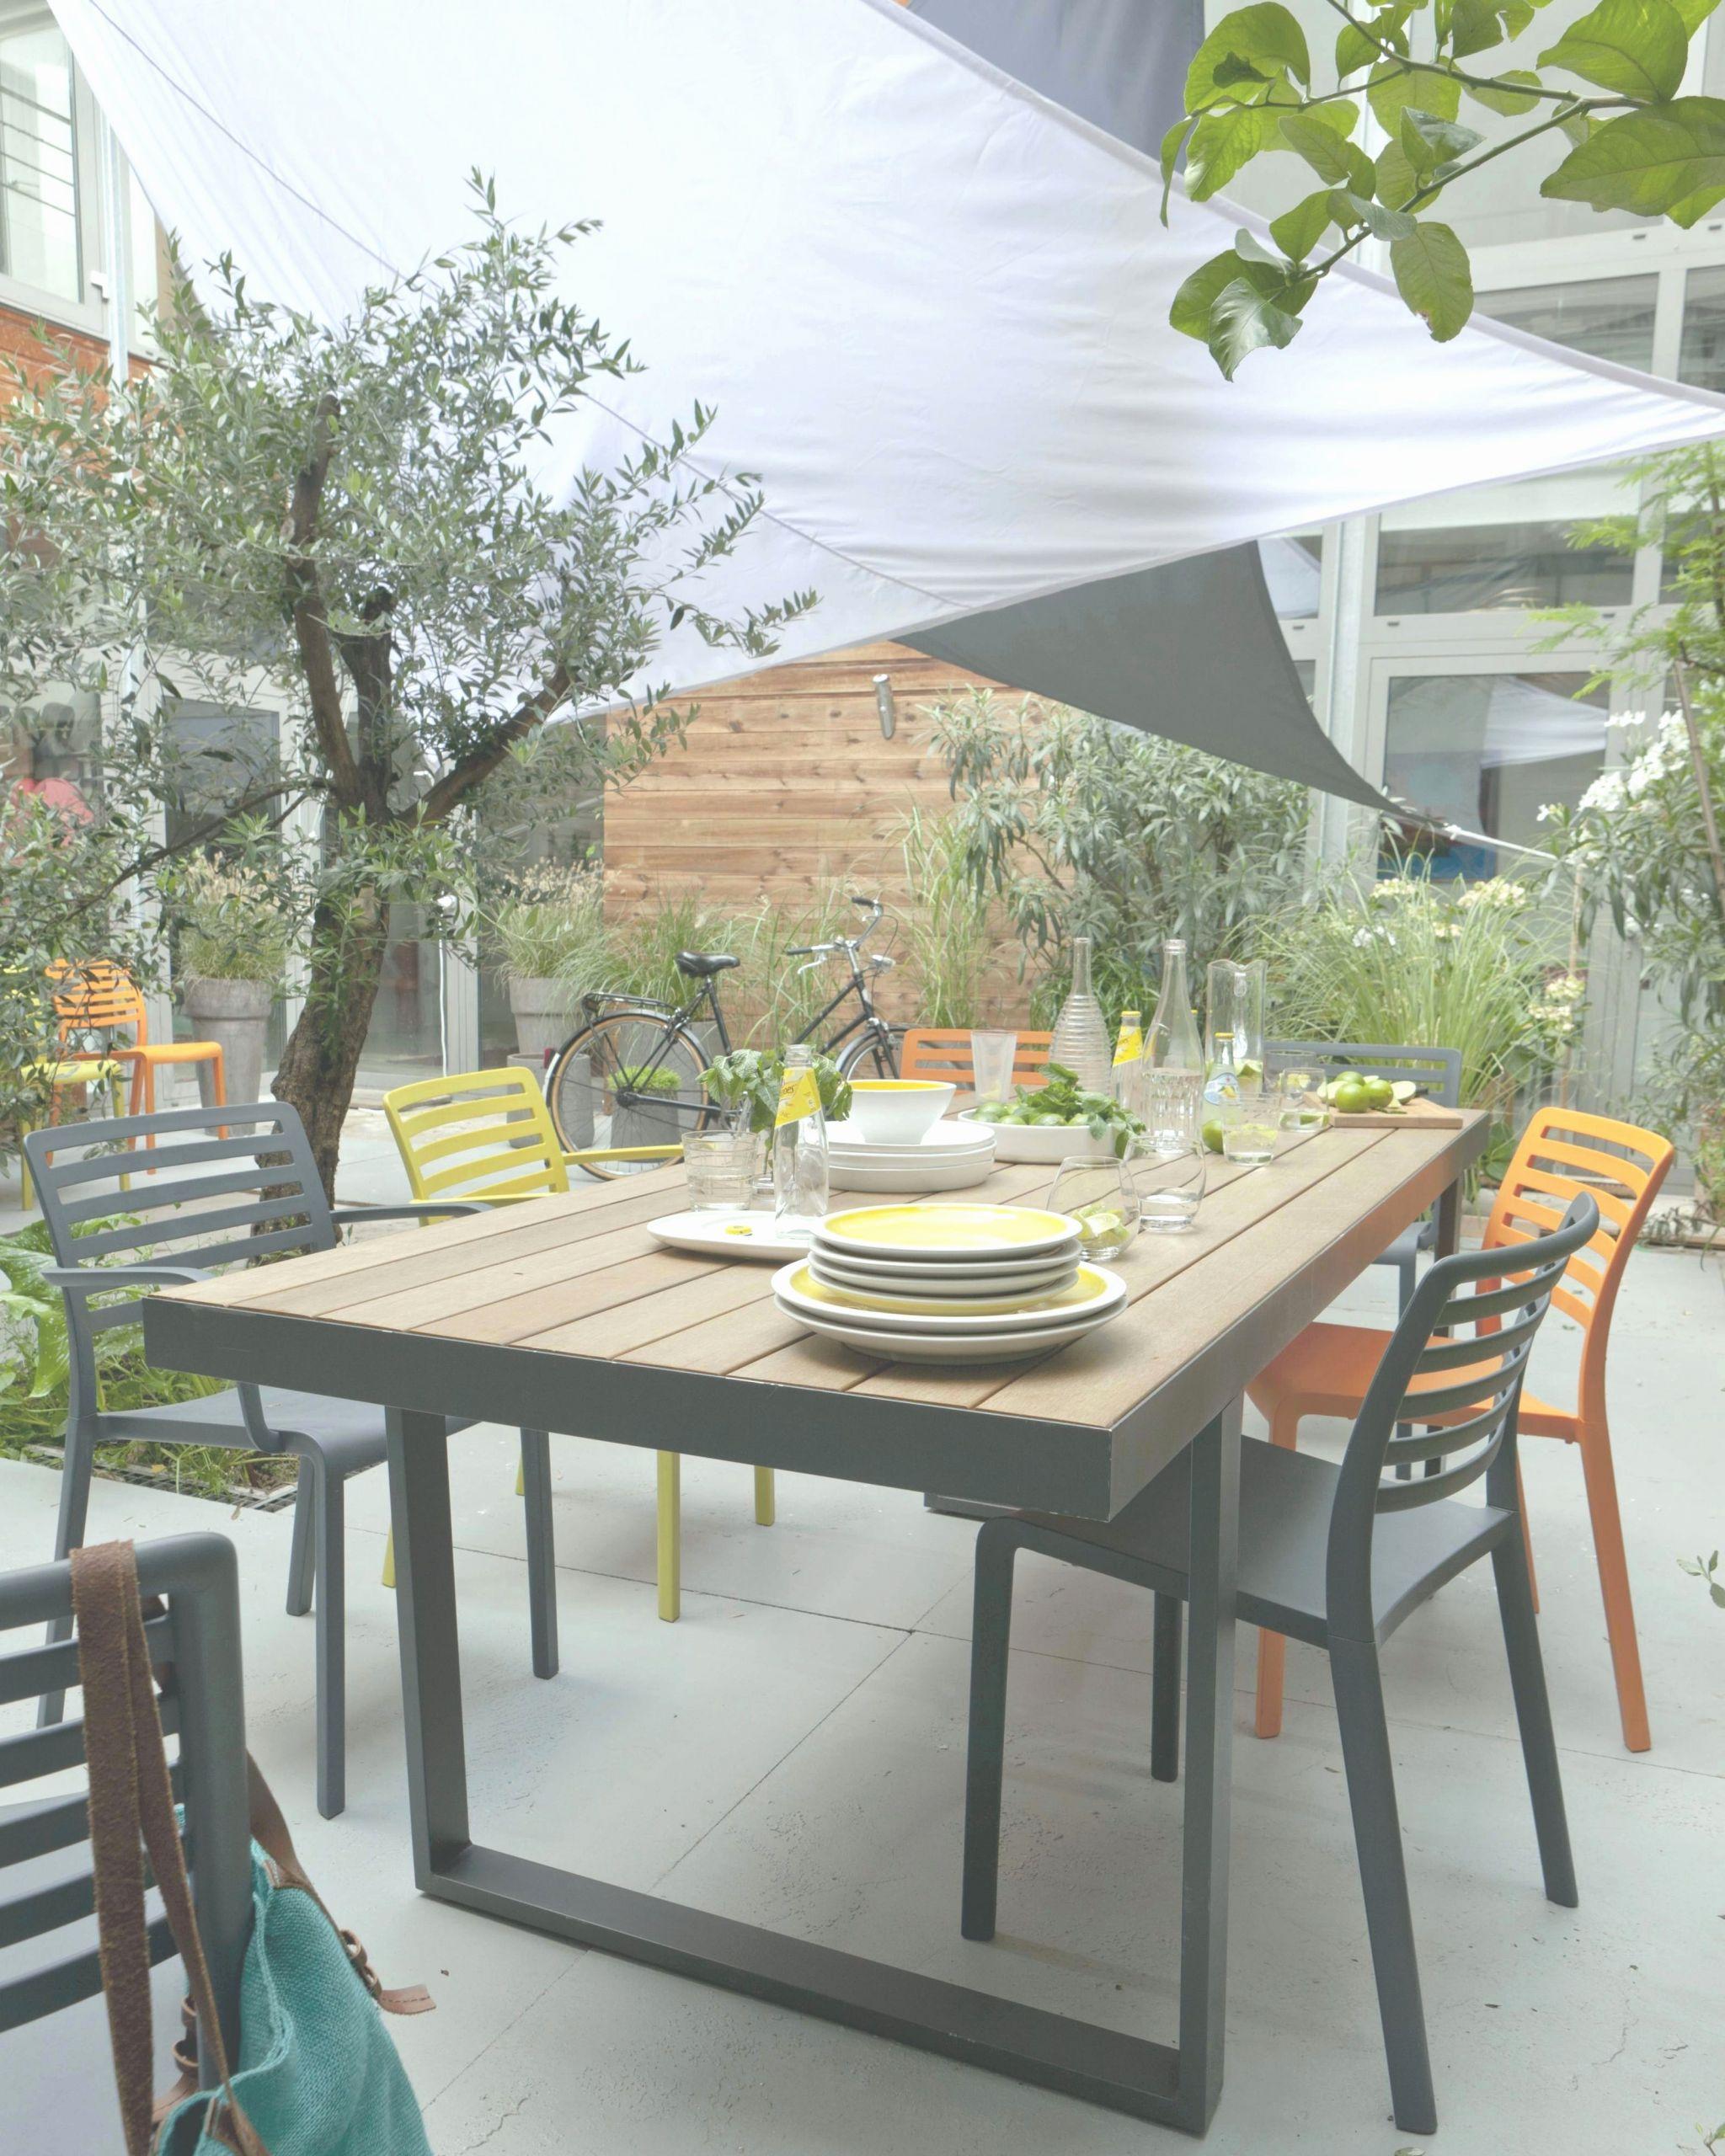 table basse jardin castorama luxe 44 beau castorama soldes salon de jardin jardins of table basse jardin castorama